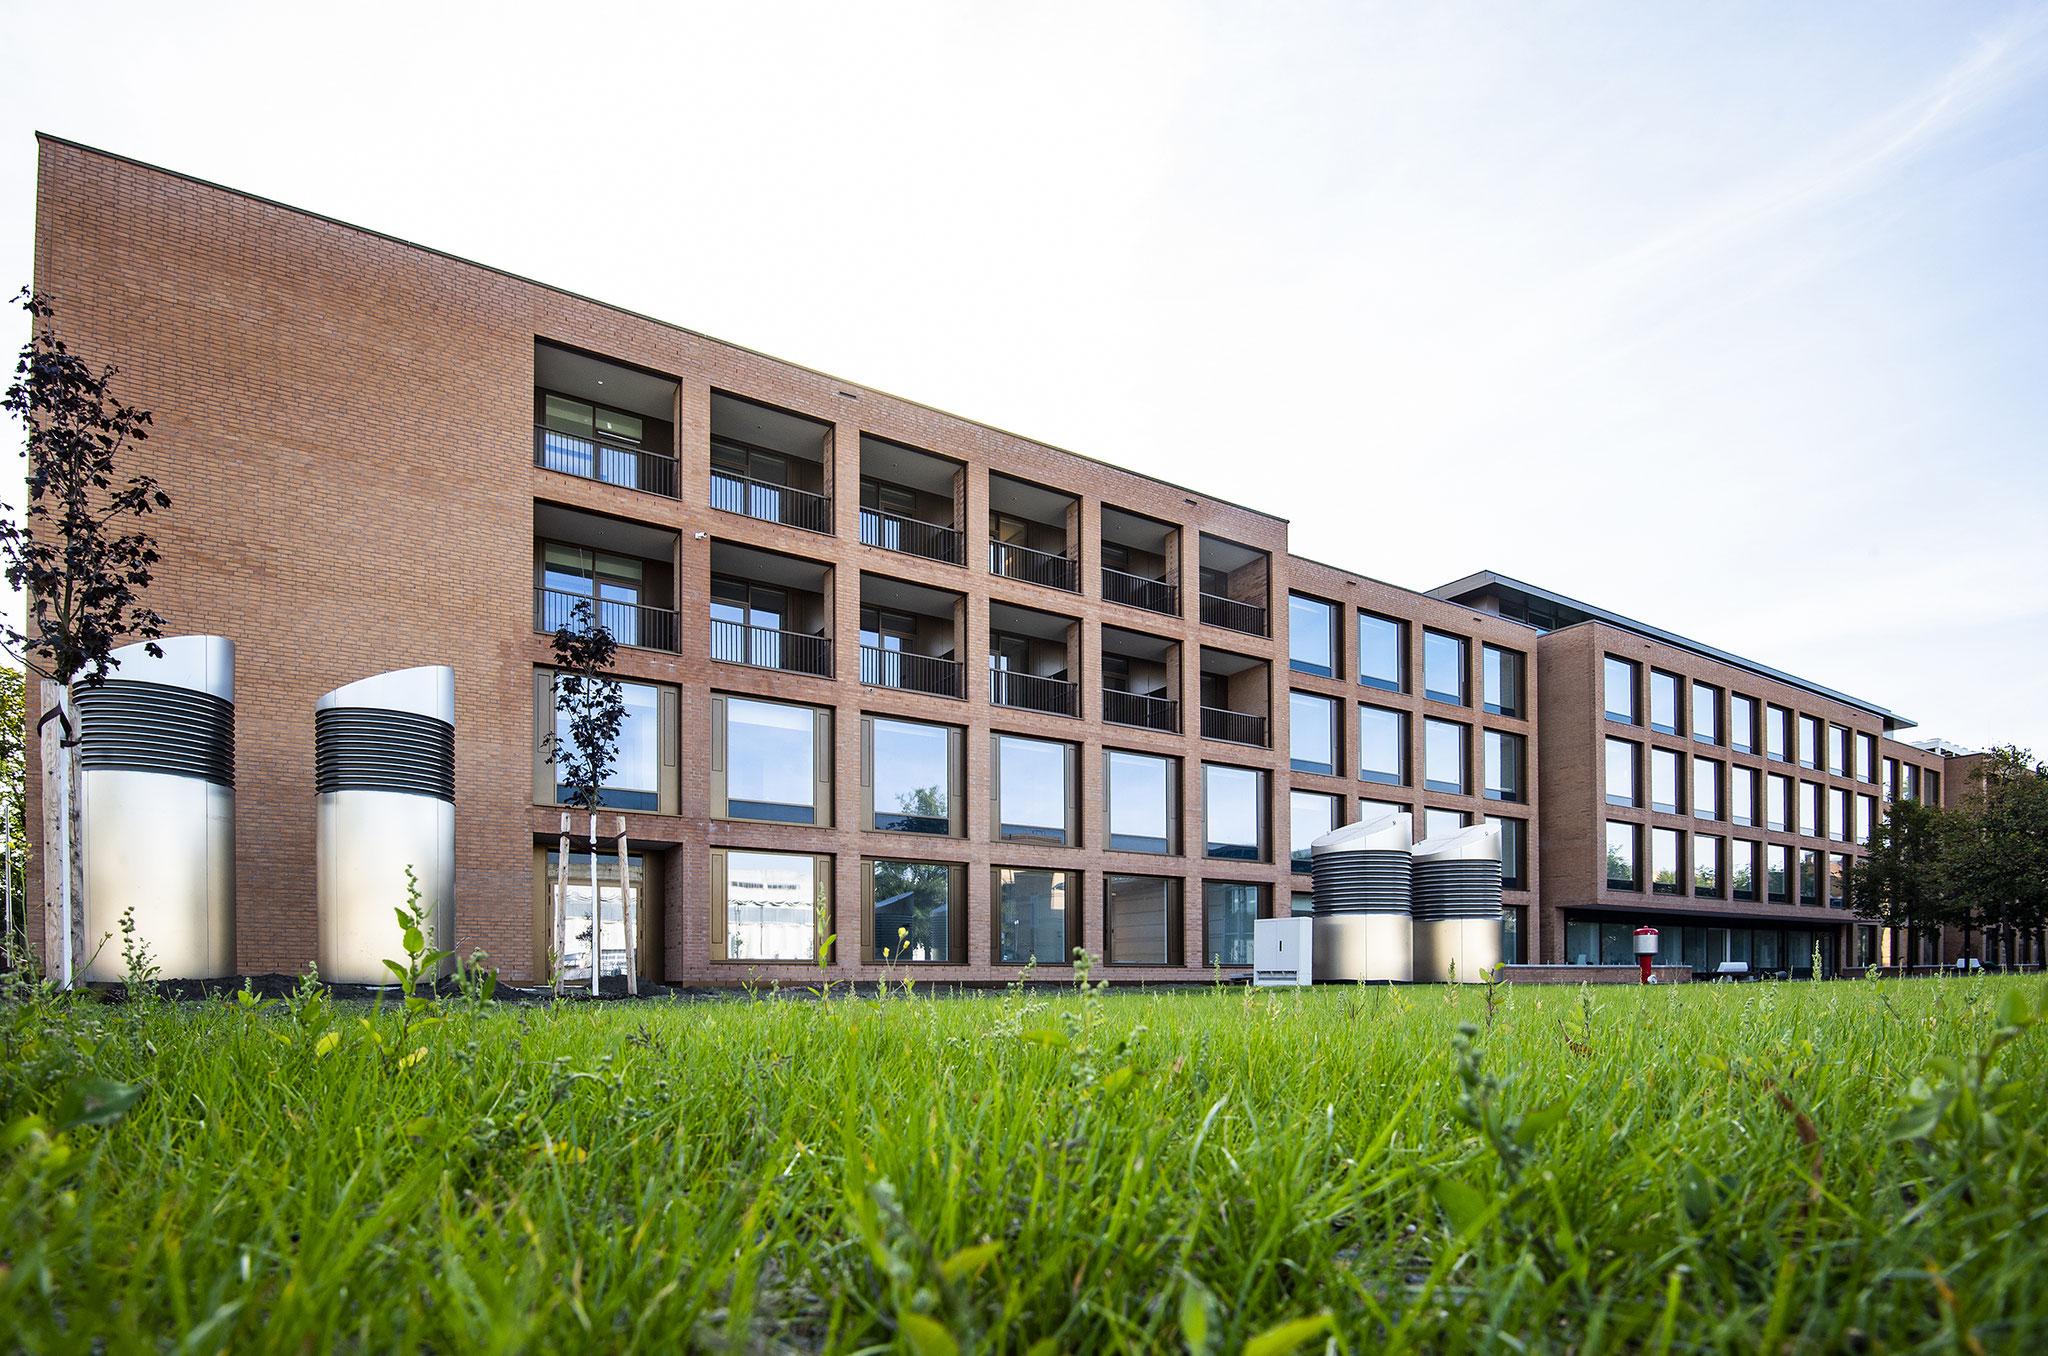 Die neue Reha-Klinik verfügt über fünf Stationen mit 151 Betten. © ukb